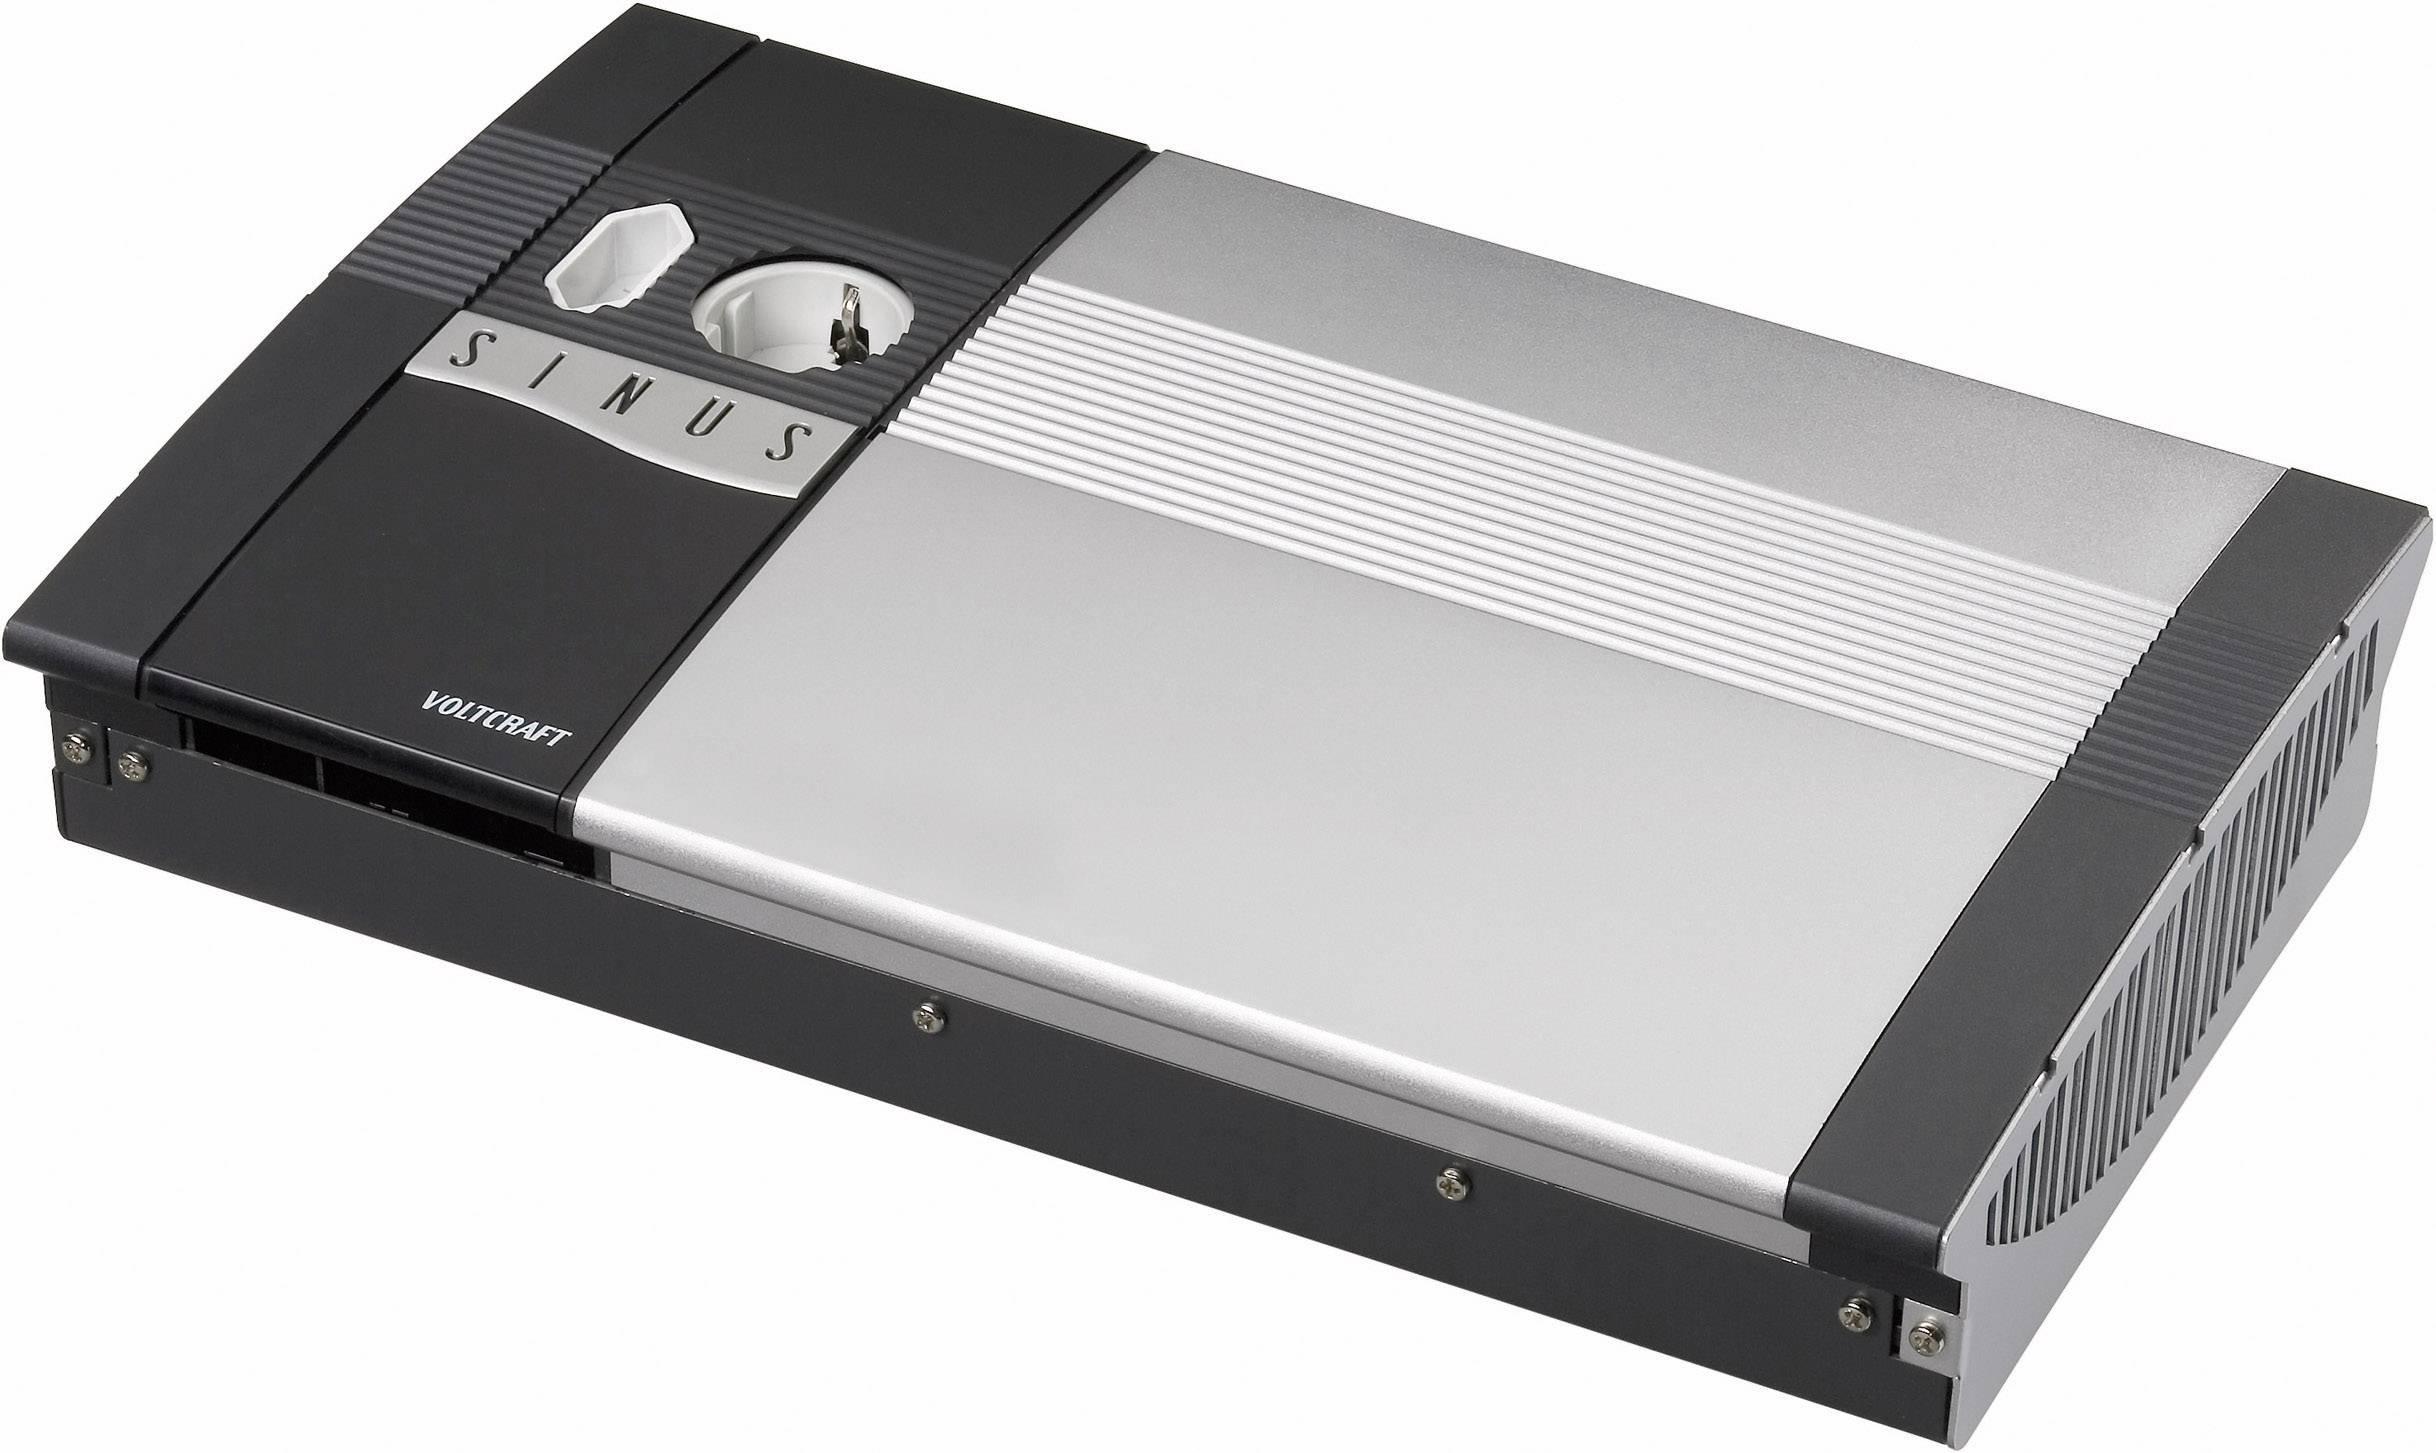 Menič napätia DC / AC VOLTCRAFT SW-1200 12V, 1200 W, 12 V/DC/230 V/AC, 1200 W diaľkovo zapínateľný